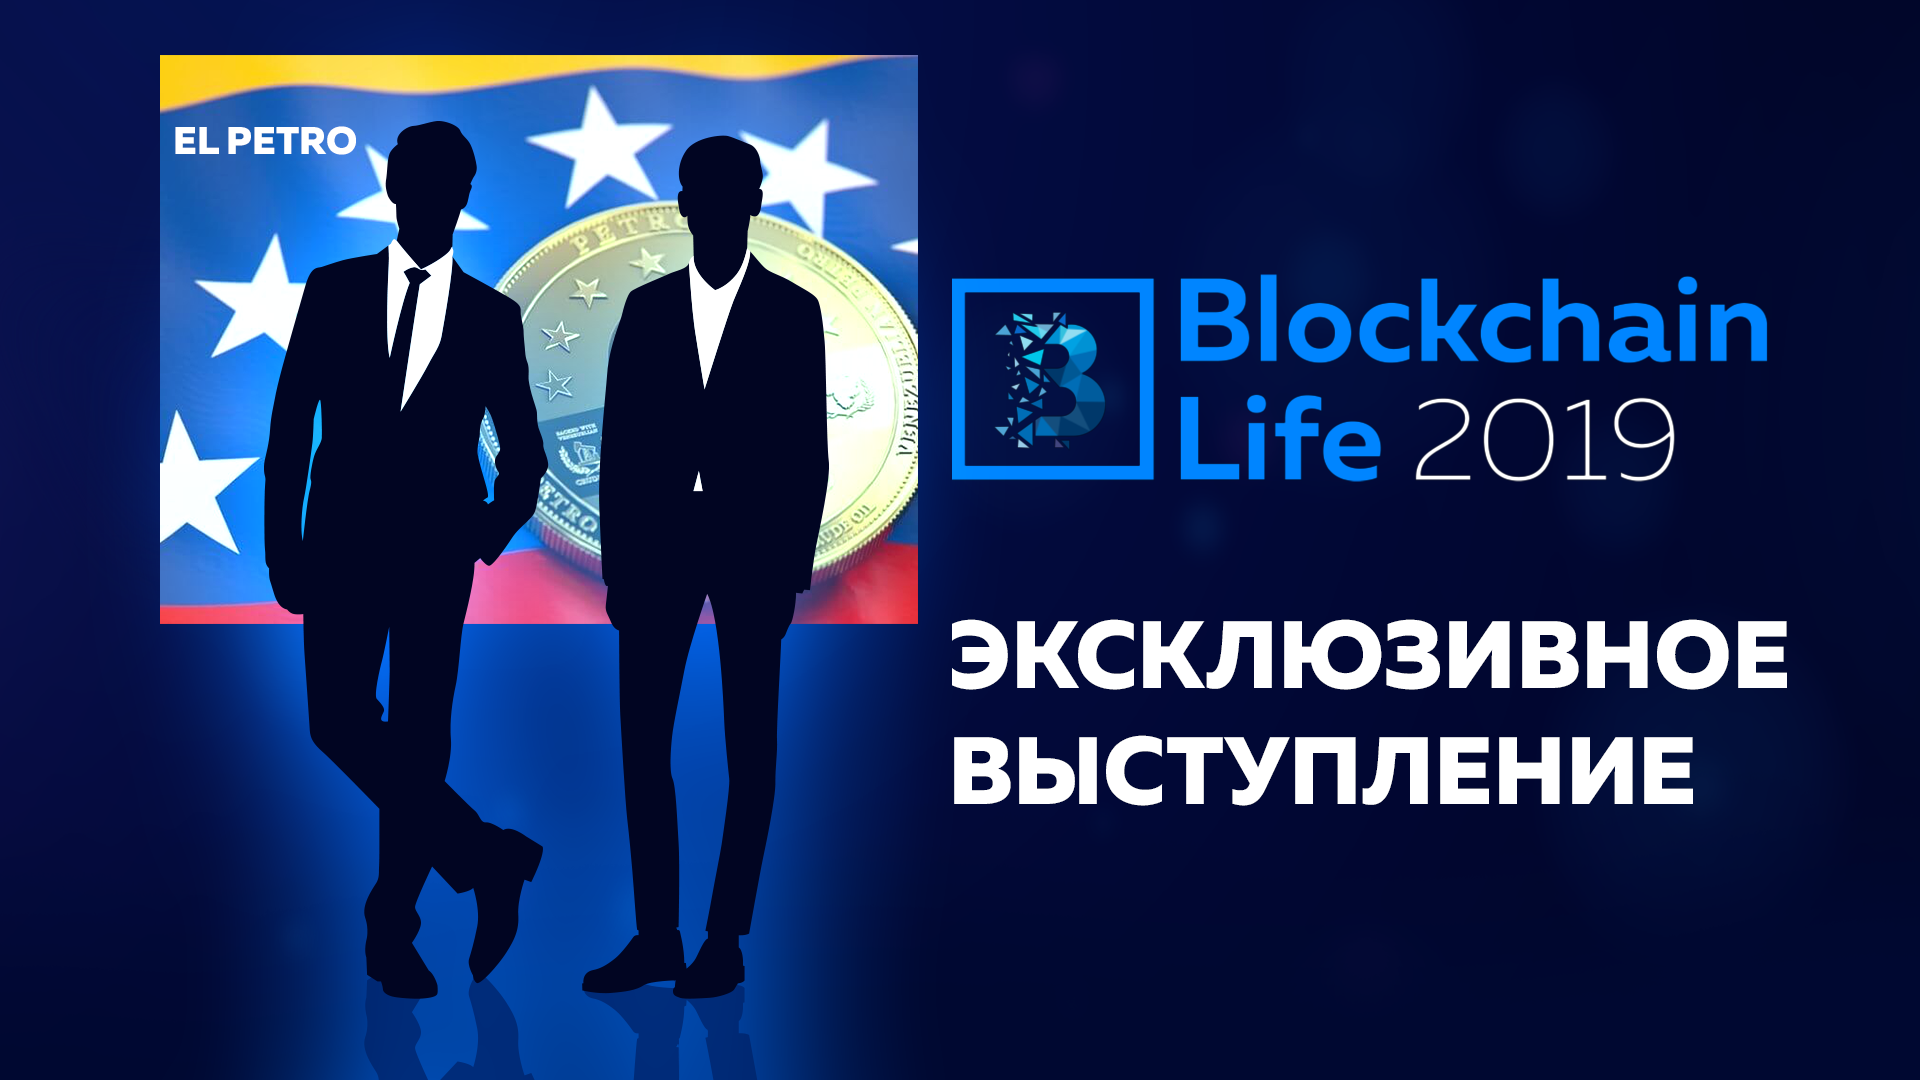 Создатели 1-ой национальной криптовалюты выступят на форуме Blockchain Life 2019 в Москве